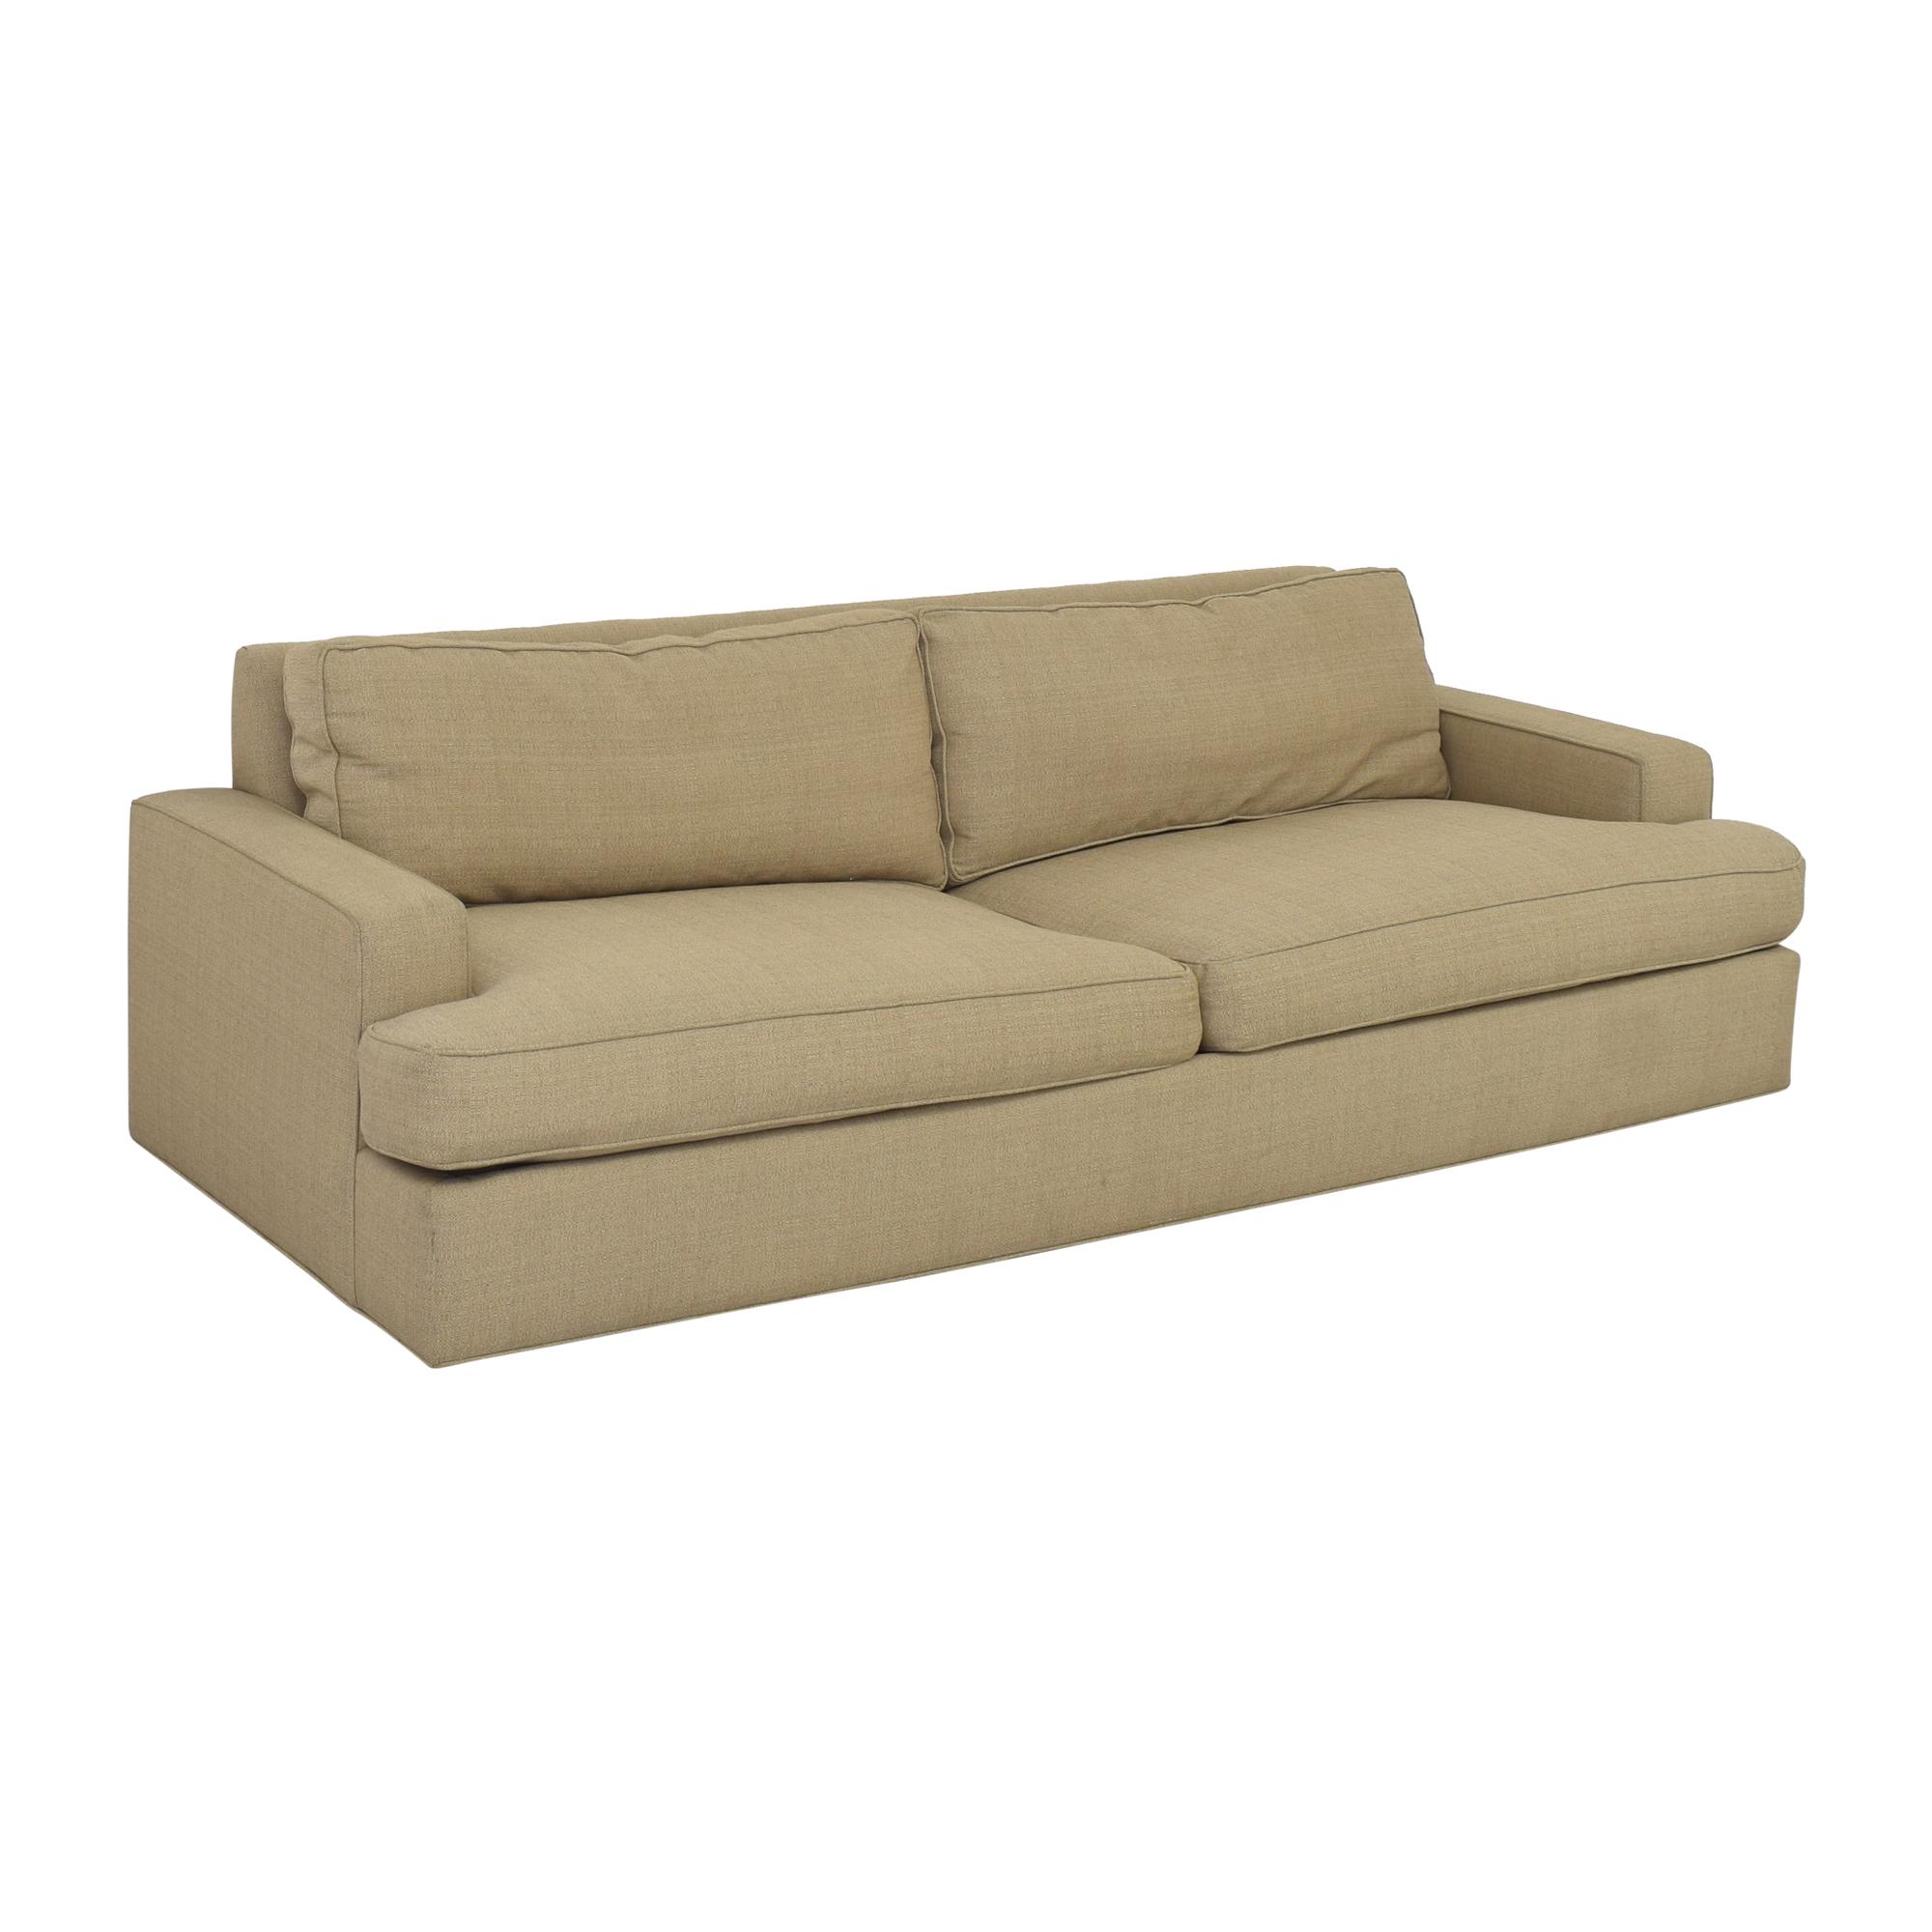 shop Room & Board Modern Sofa Room & Board